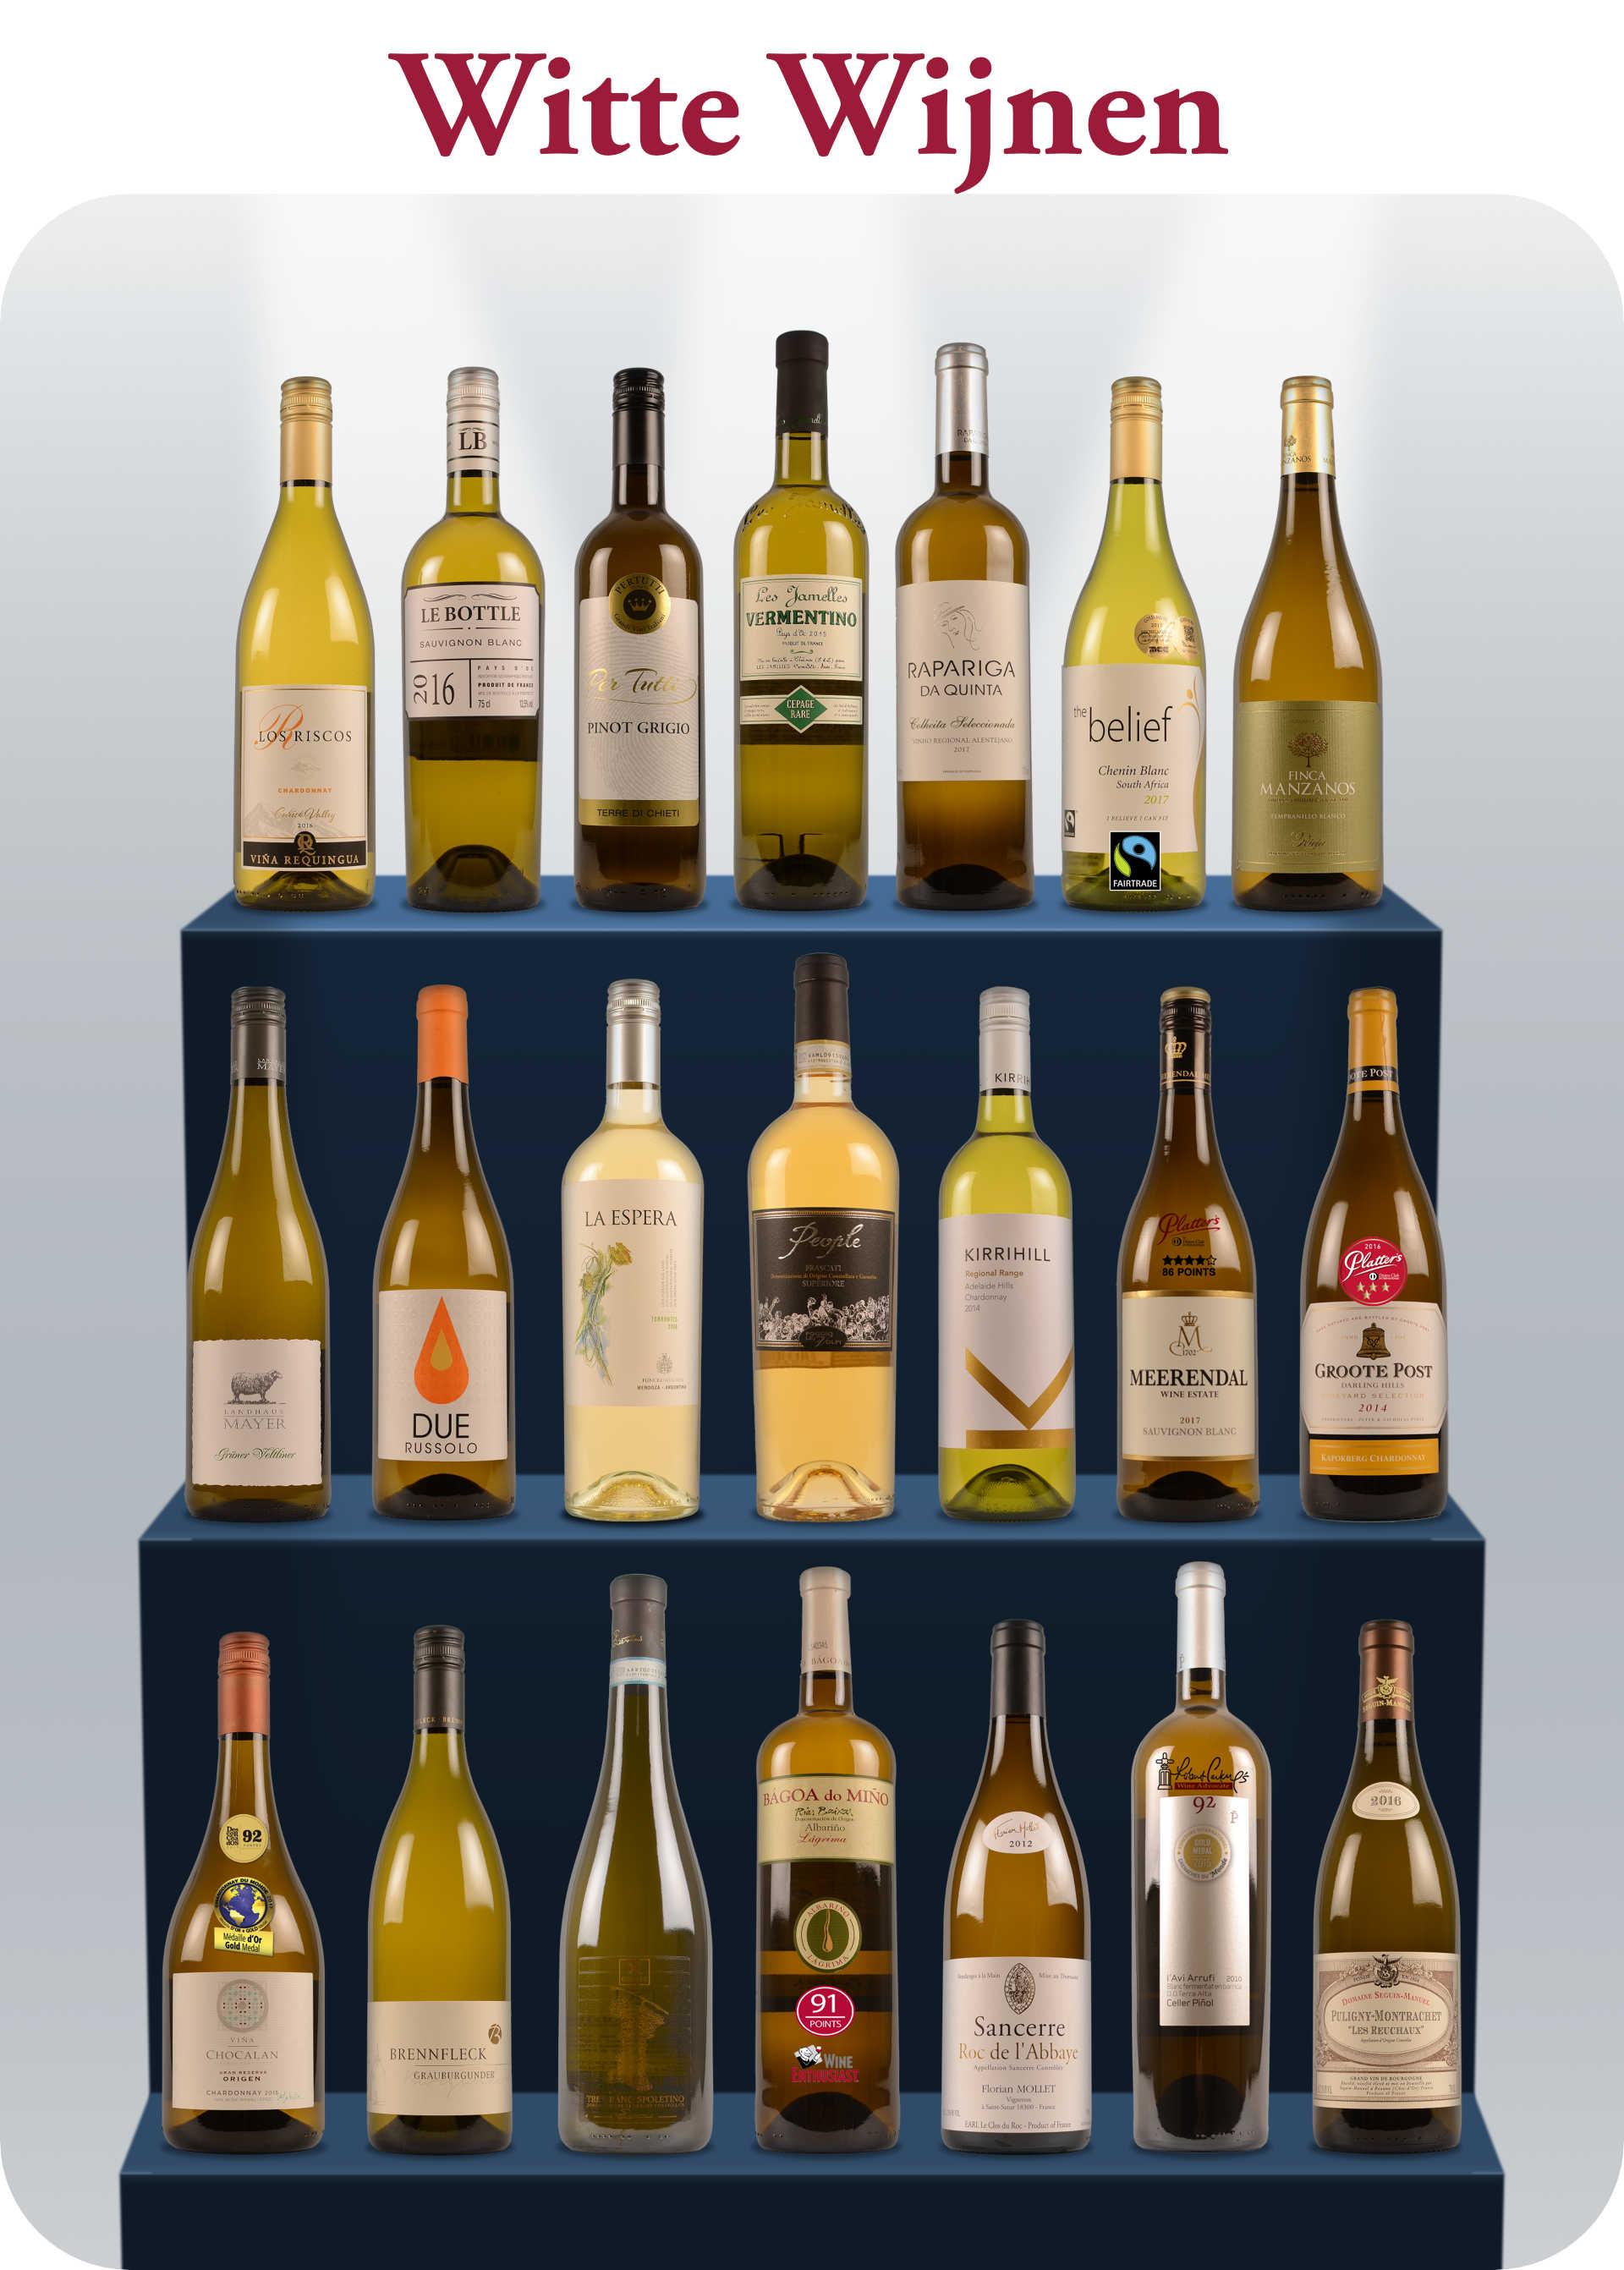 Lente Open Fles witte wijnen